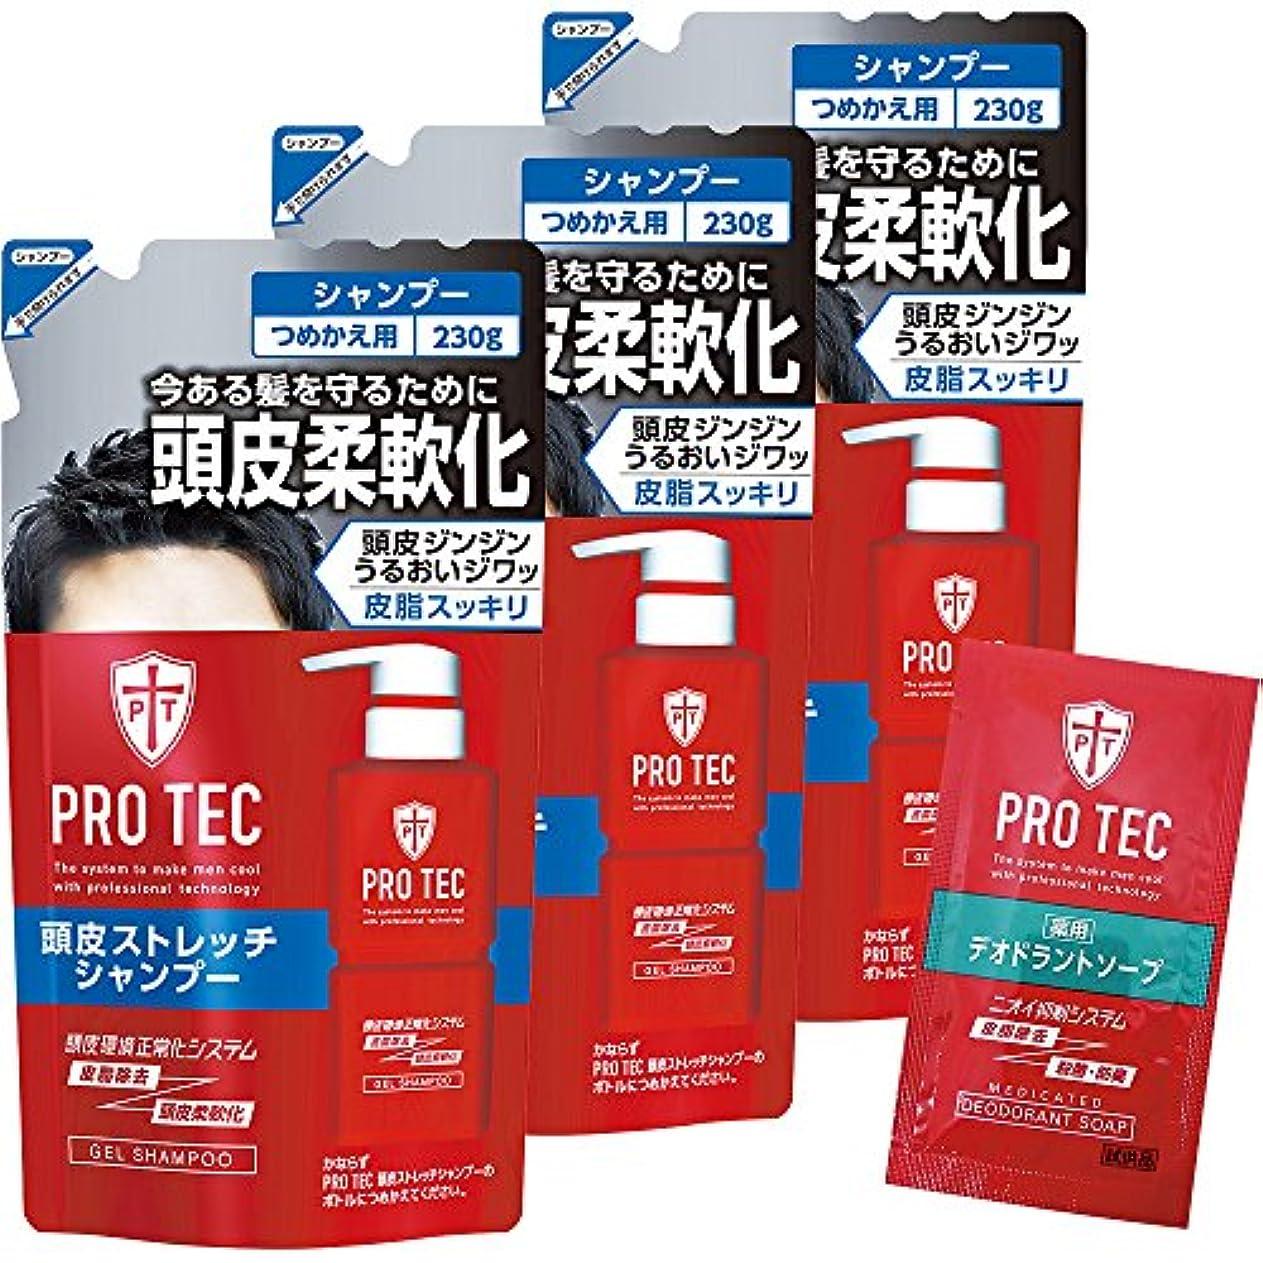 一方、盲目カーフ【Amazon.co.jp限定】PRO TEC(プロテク) 頭皮ストレッチ シャンプー 詰め替え 230g×3個パック+デオドラントソープ1回分付(医薬部外品)